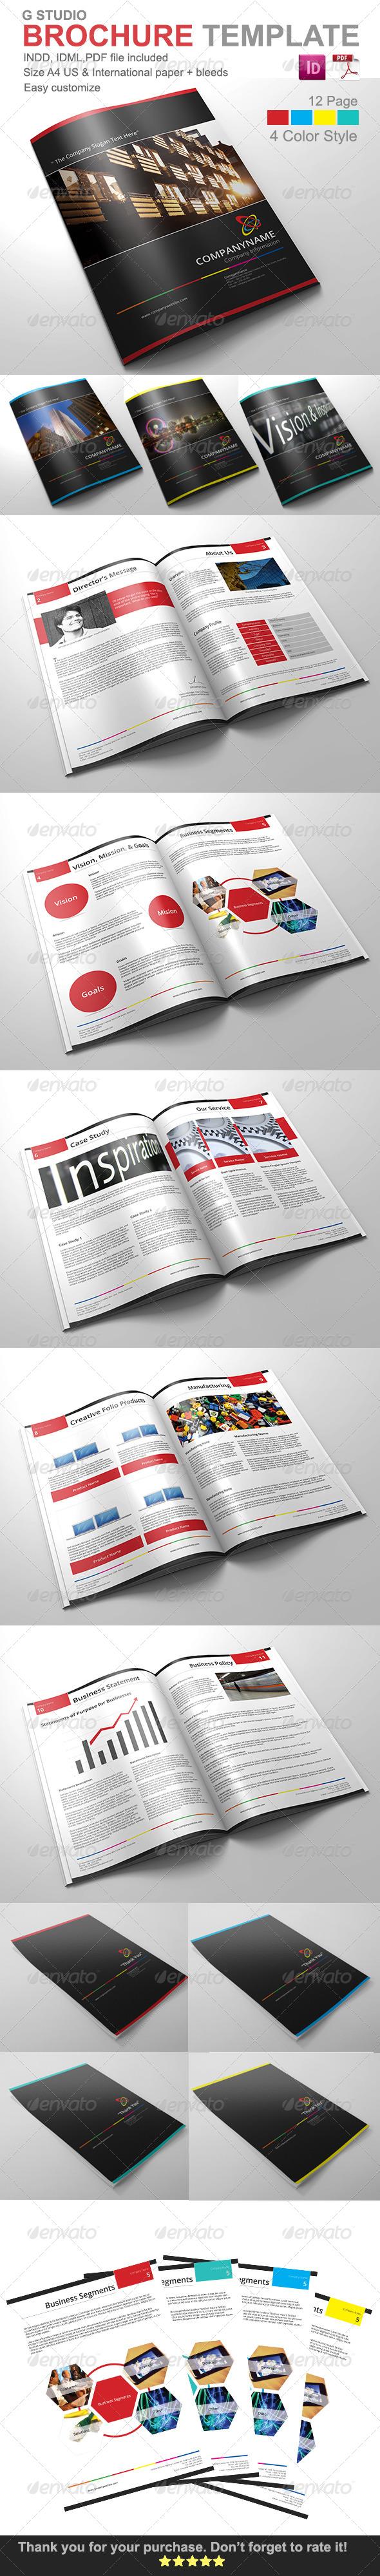 GraphicRiver Gstudio Brochure Template 4257499